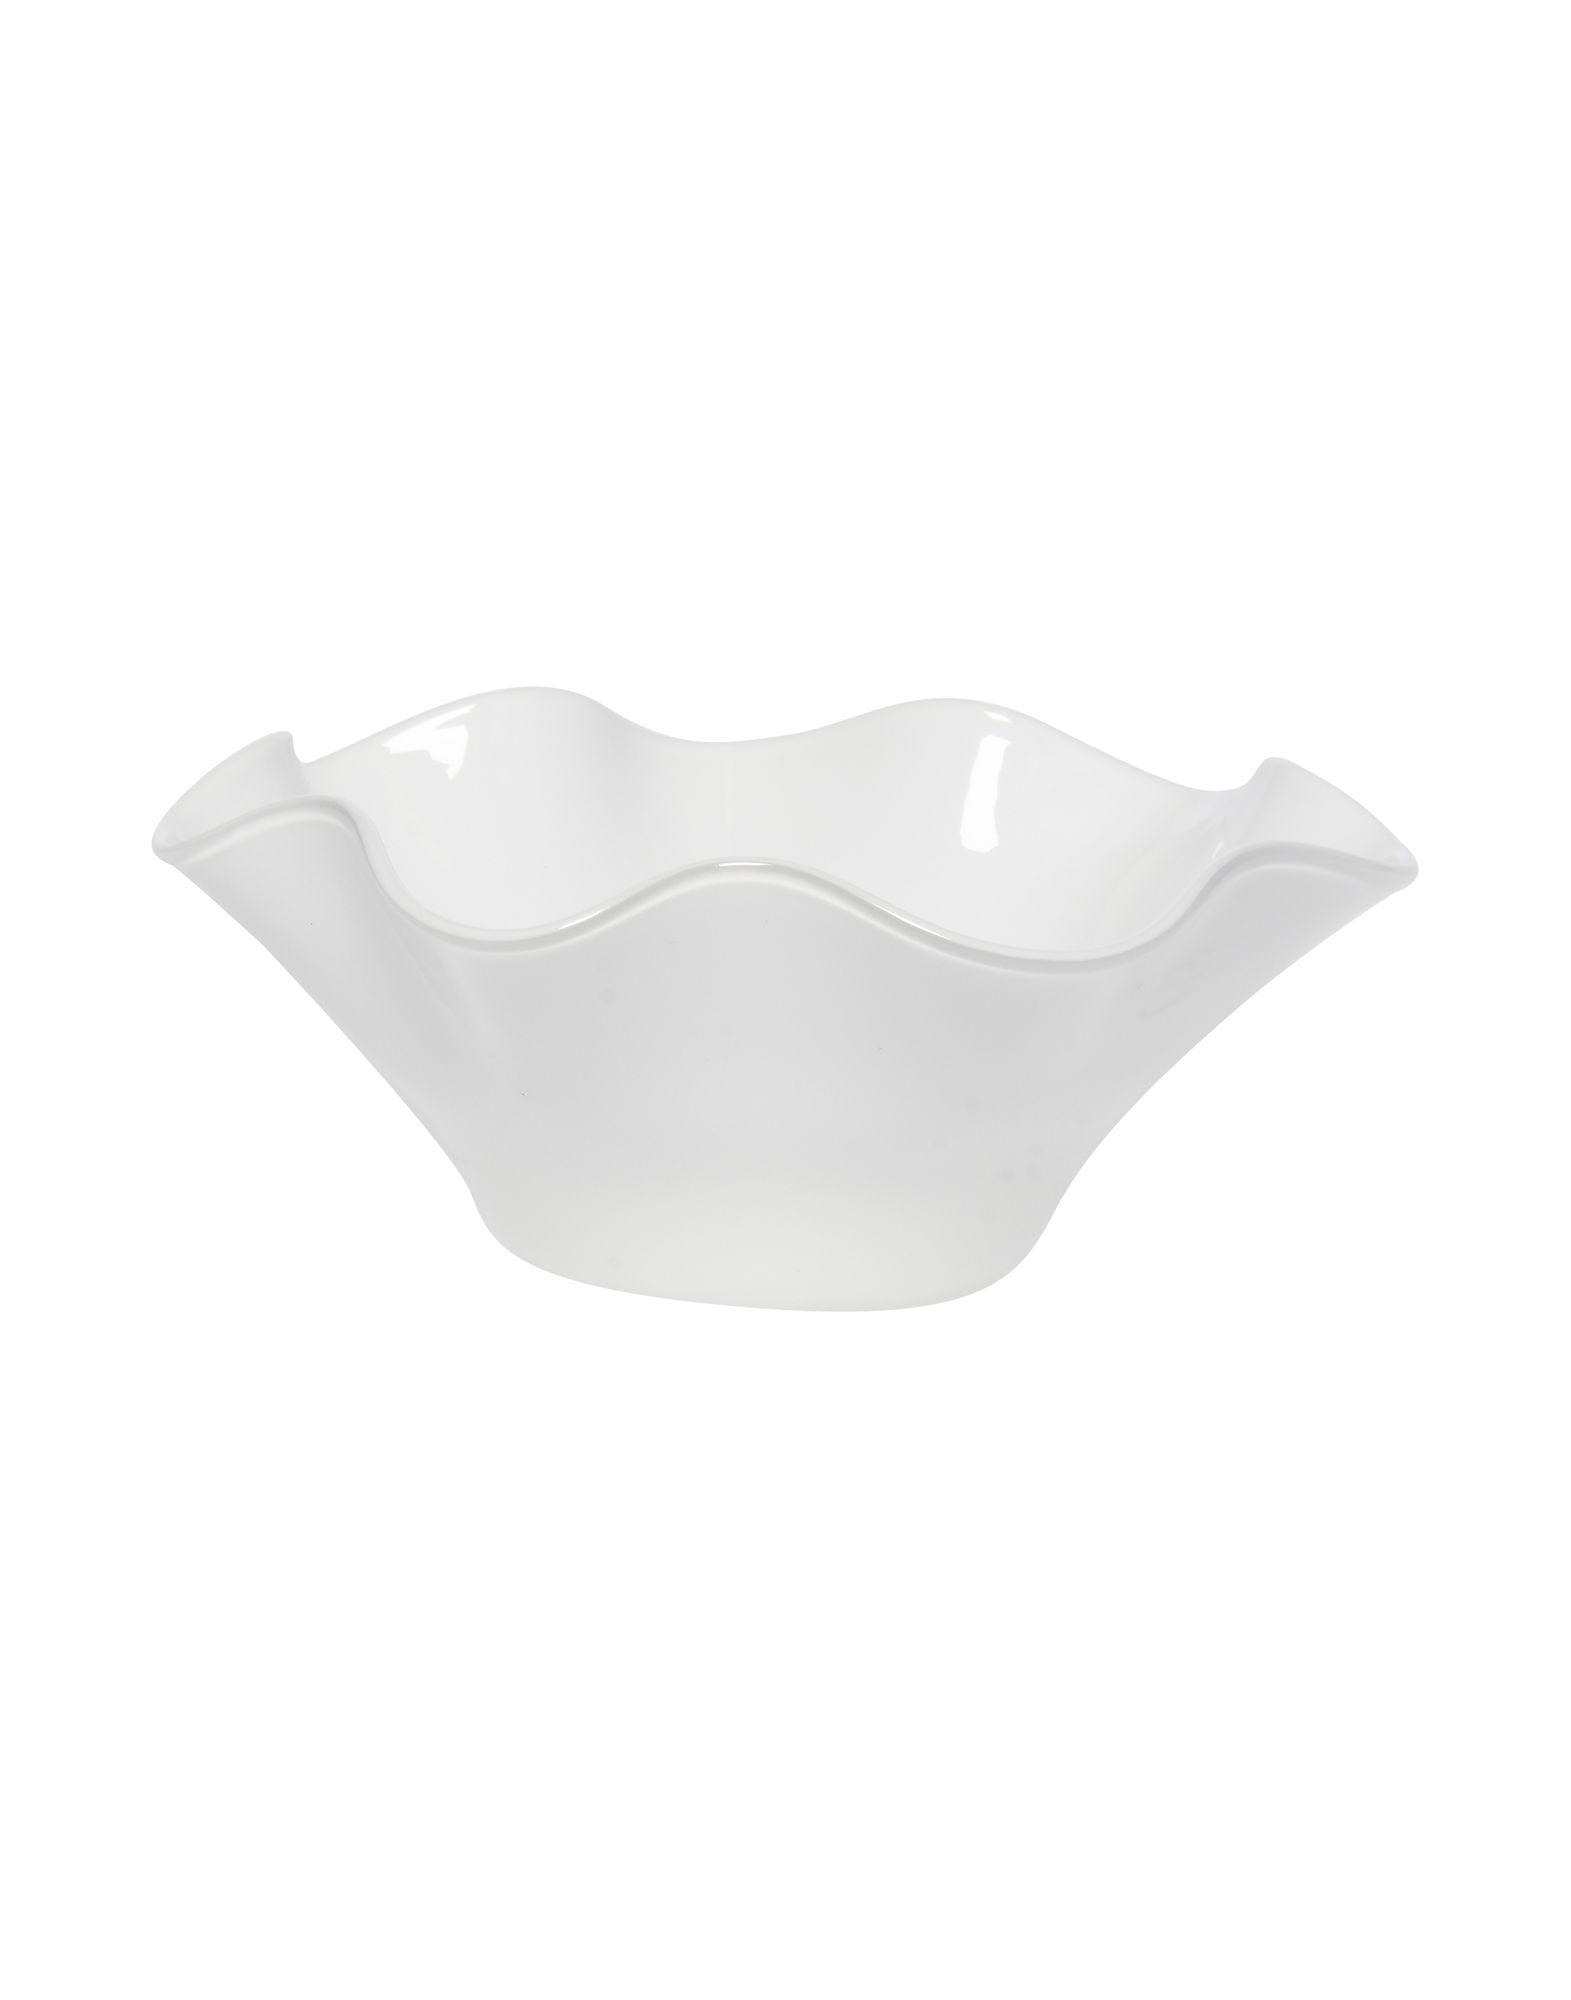 YOOX.COM(ユークス)《セール開催中》VENINI Unisex ベース ホワイト ガラス Fazzoletto